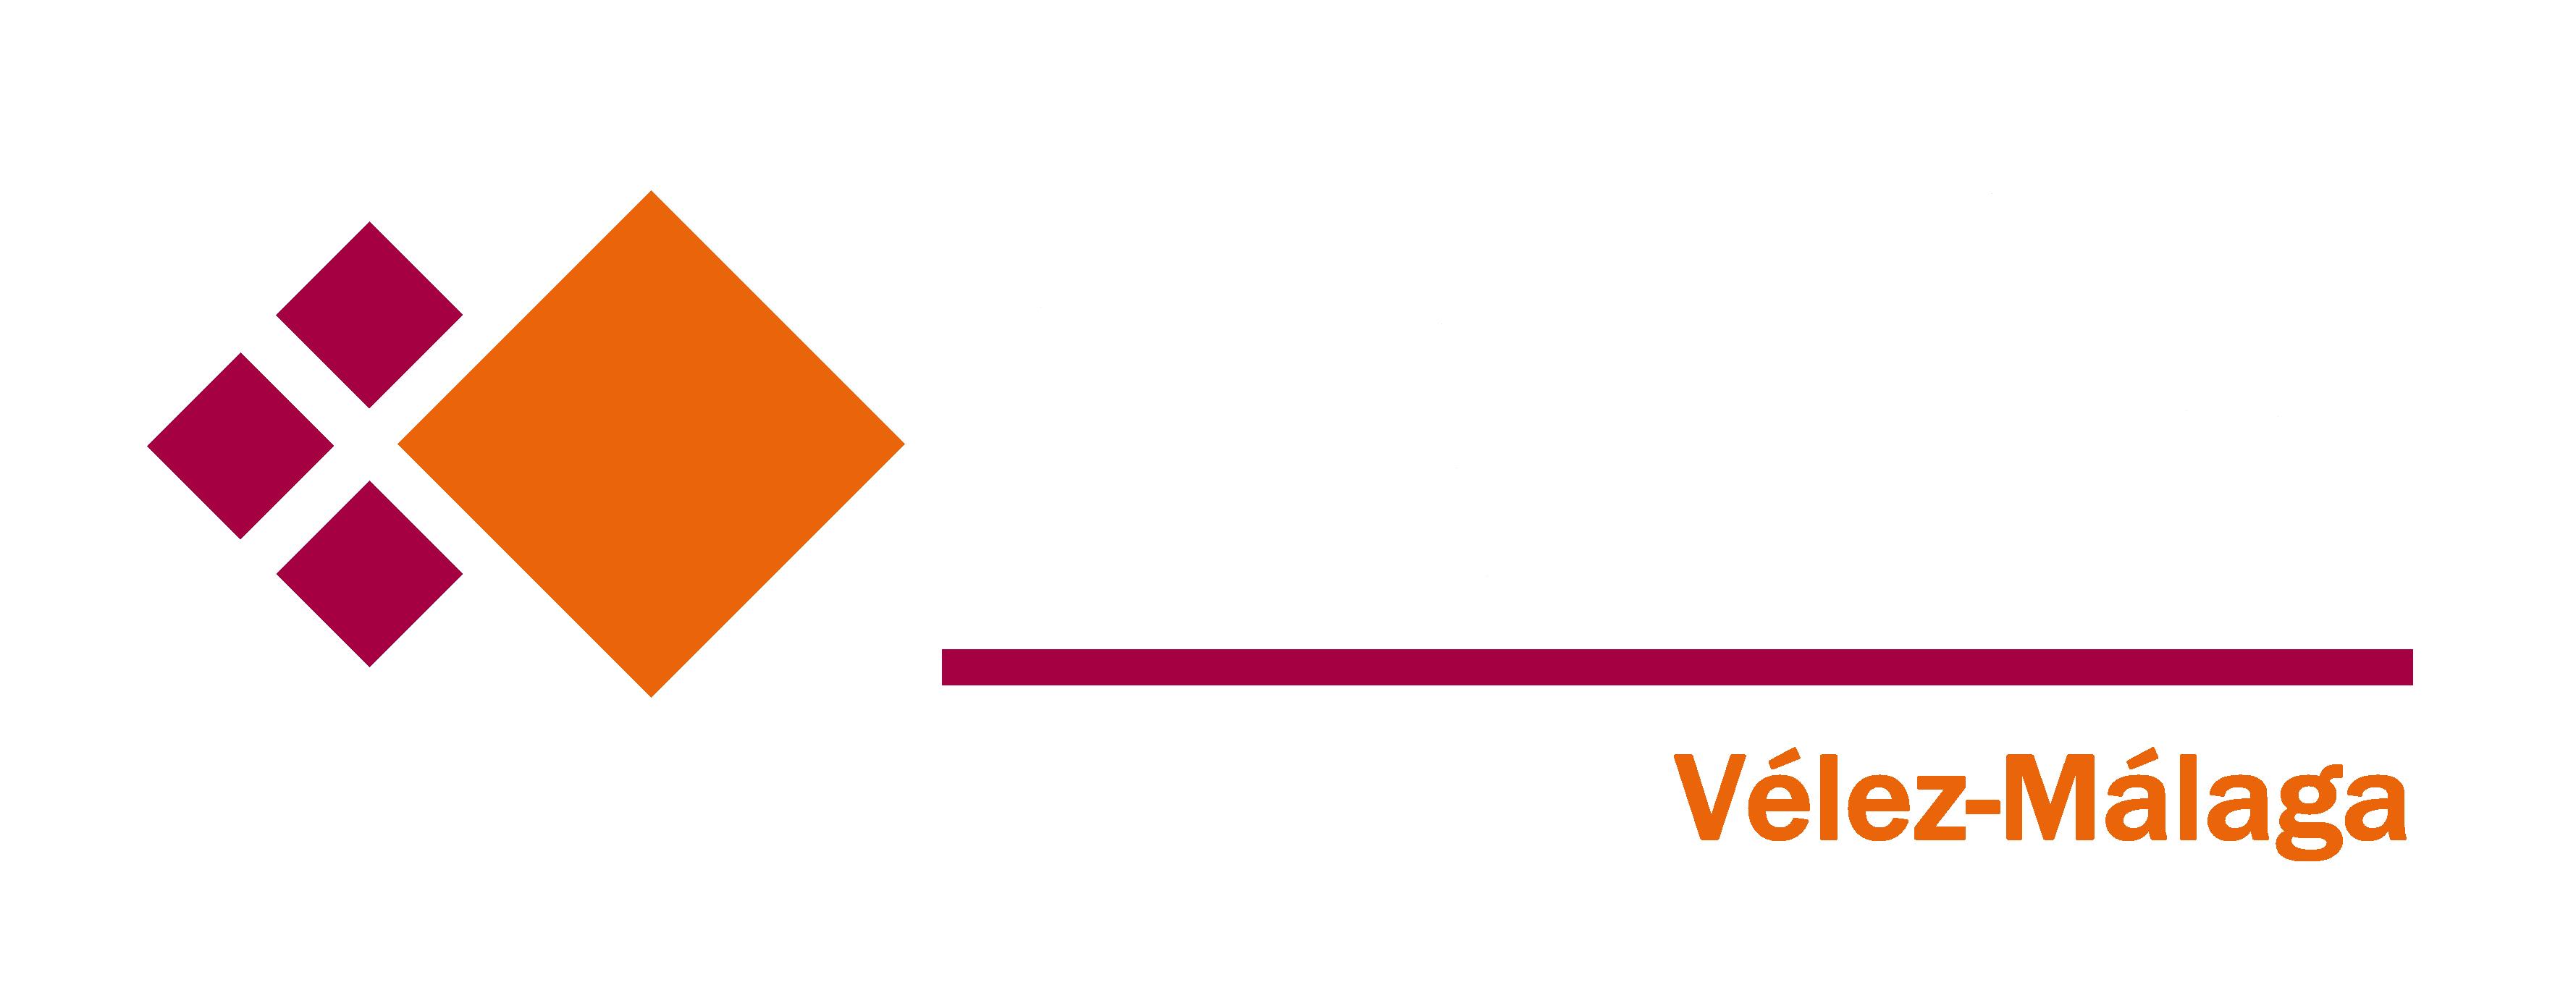 Empresas asociadas a la ACEV